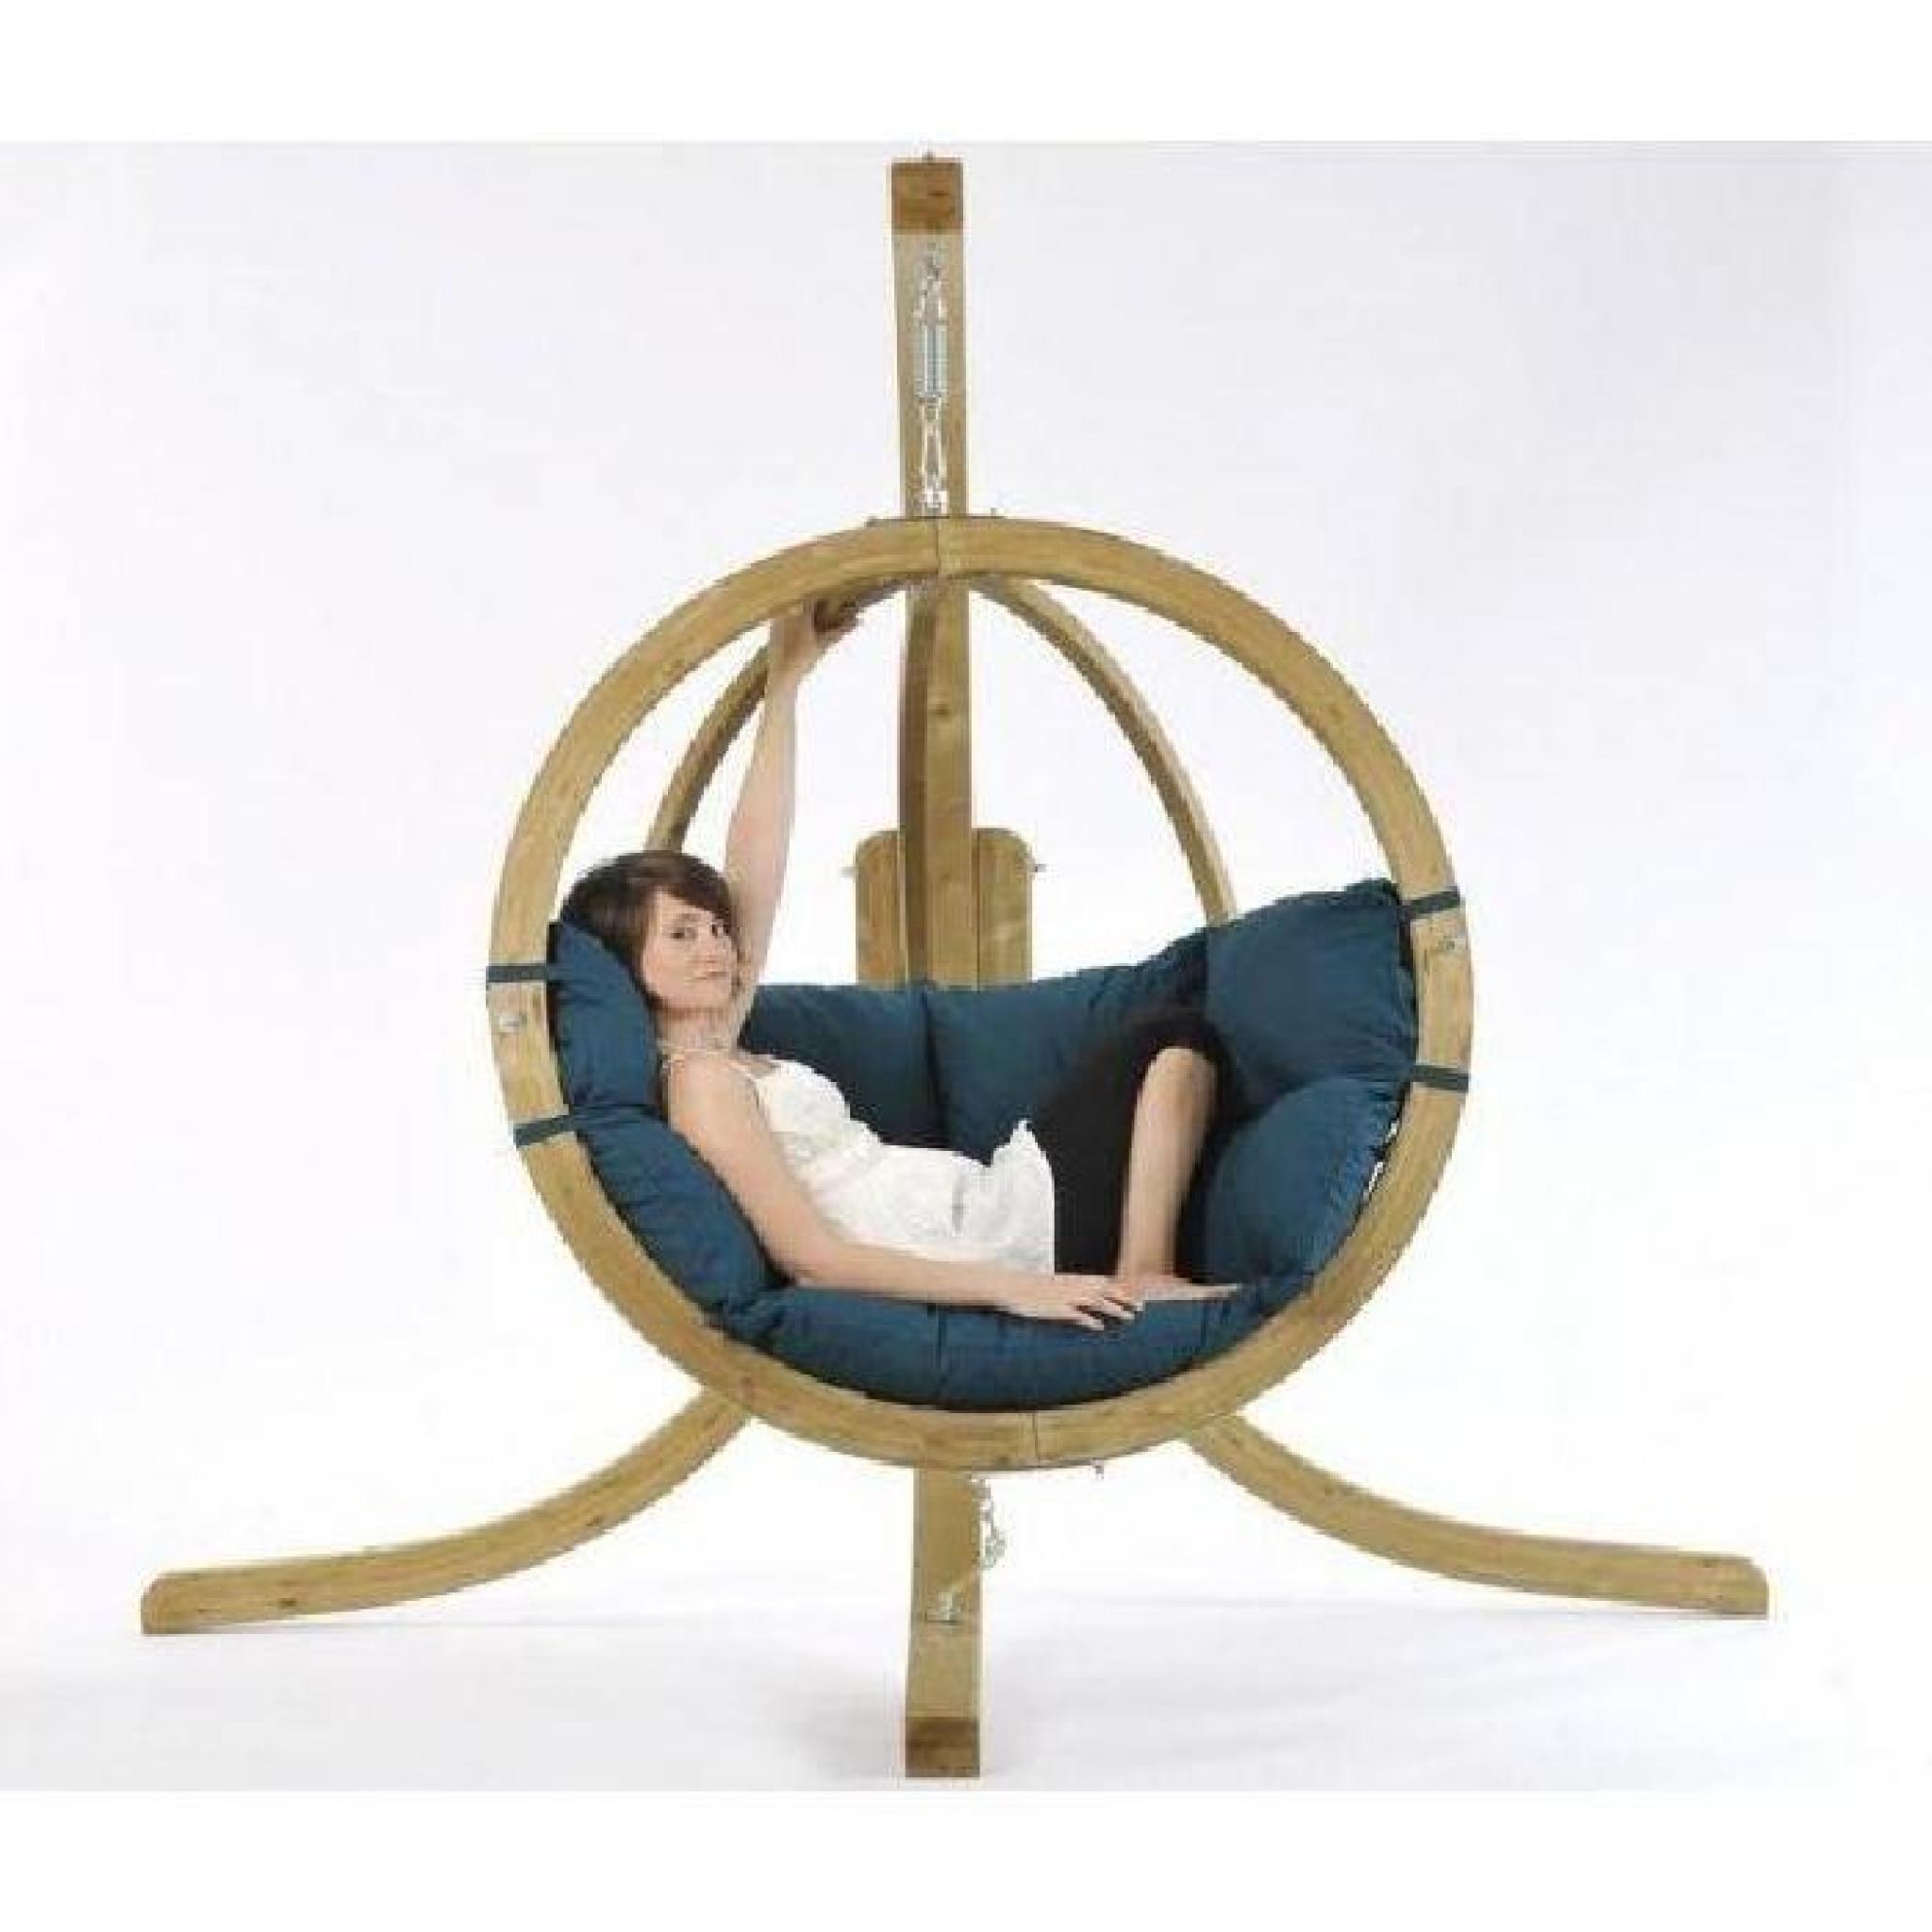 balancelle bois globo amazonas vert achat vente balancelle de jardin pas cher. Black Bedroom Furniture Sets. Home Design Ideas